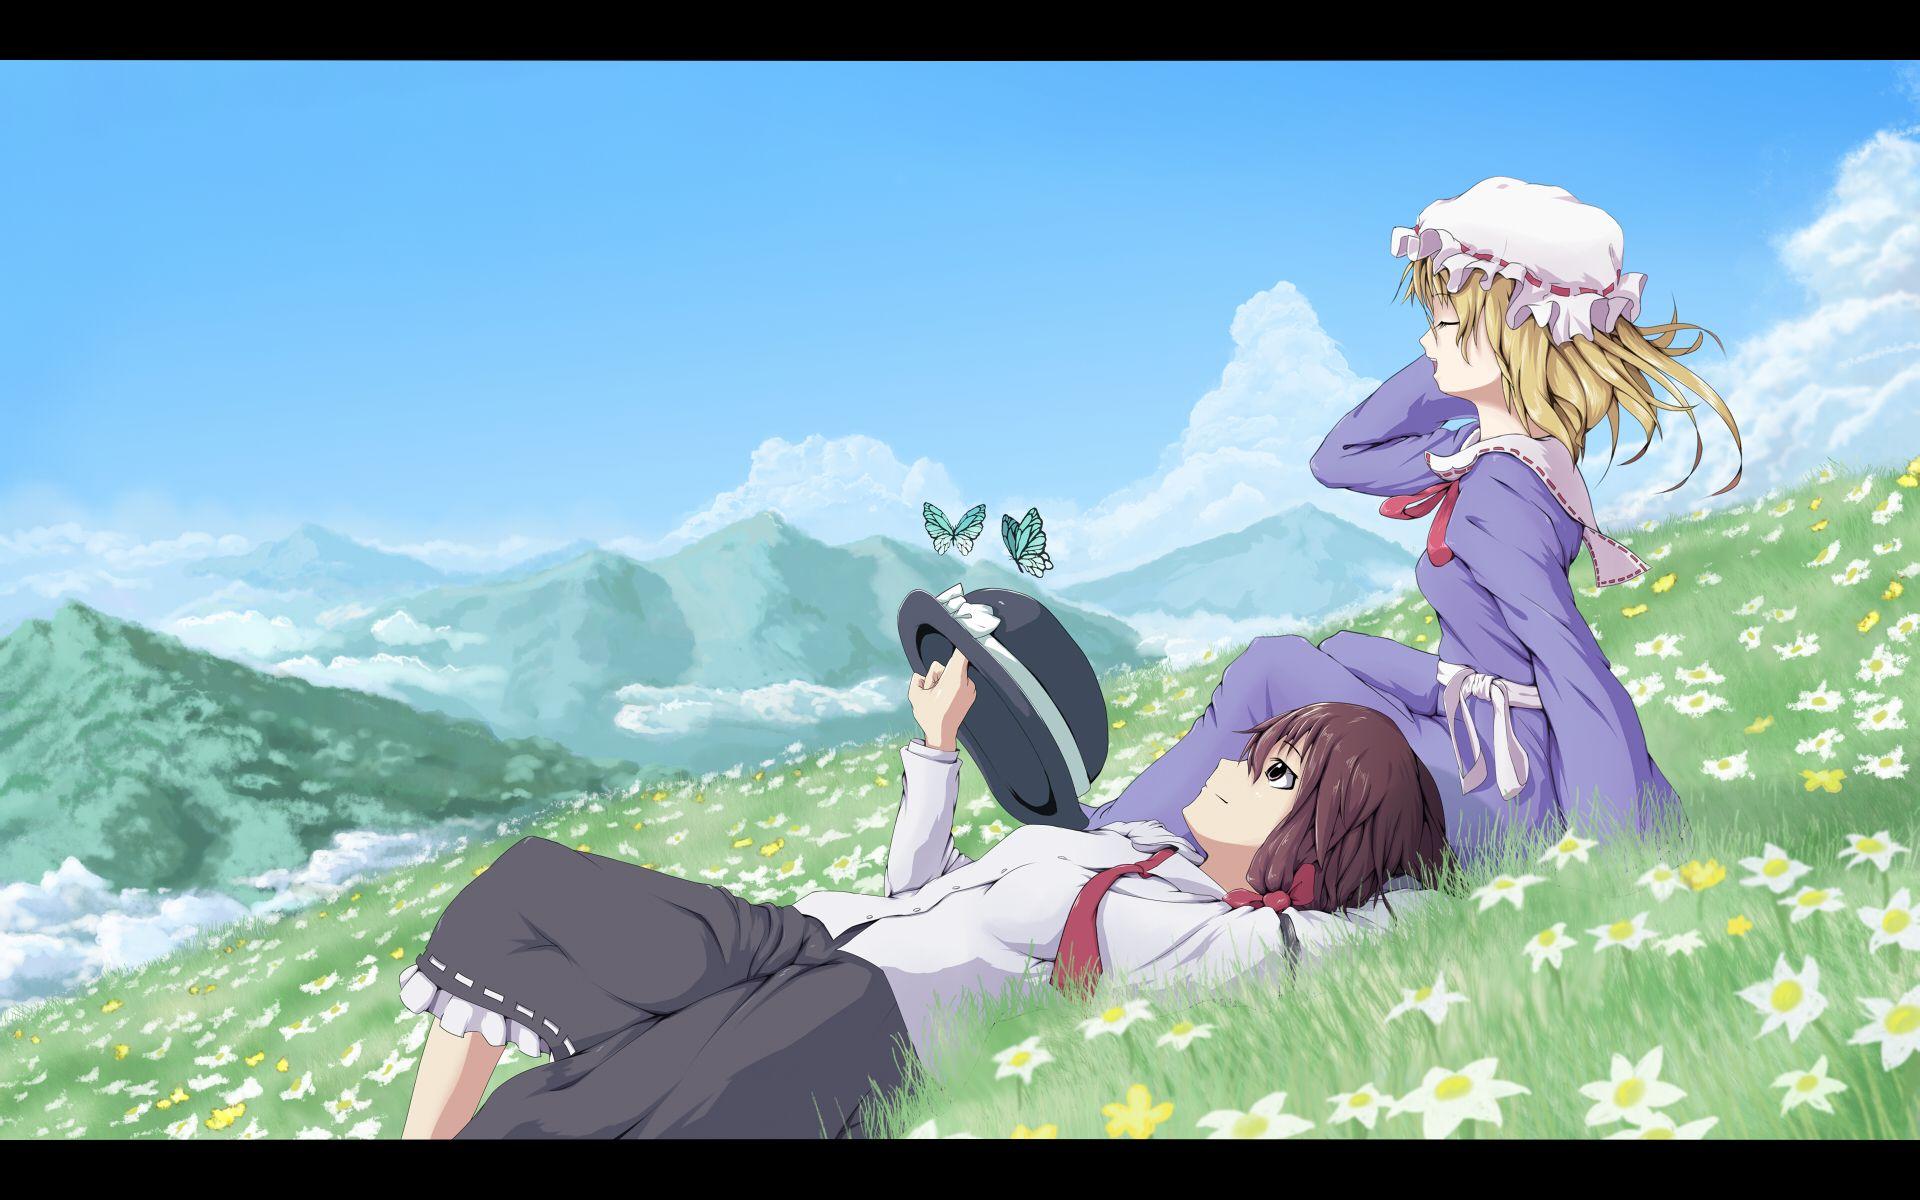 一个动漫女头 要一个女生坐在草地上 最好是侧面 其他